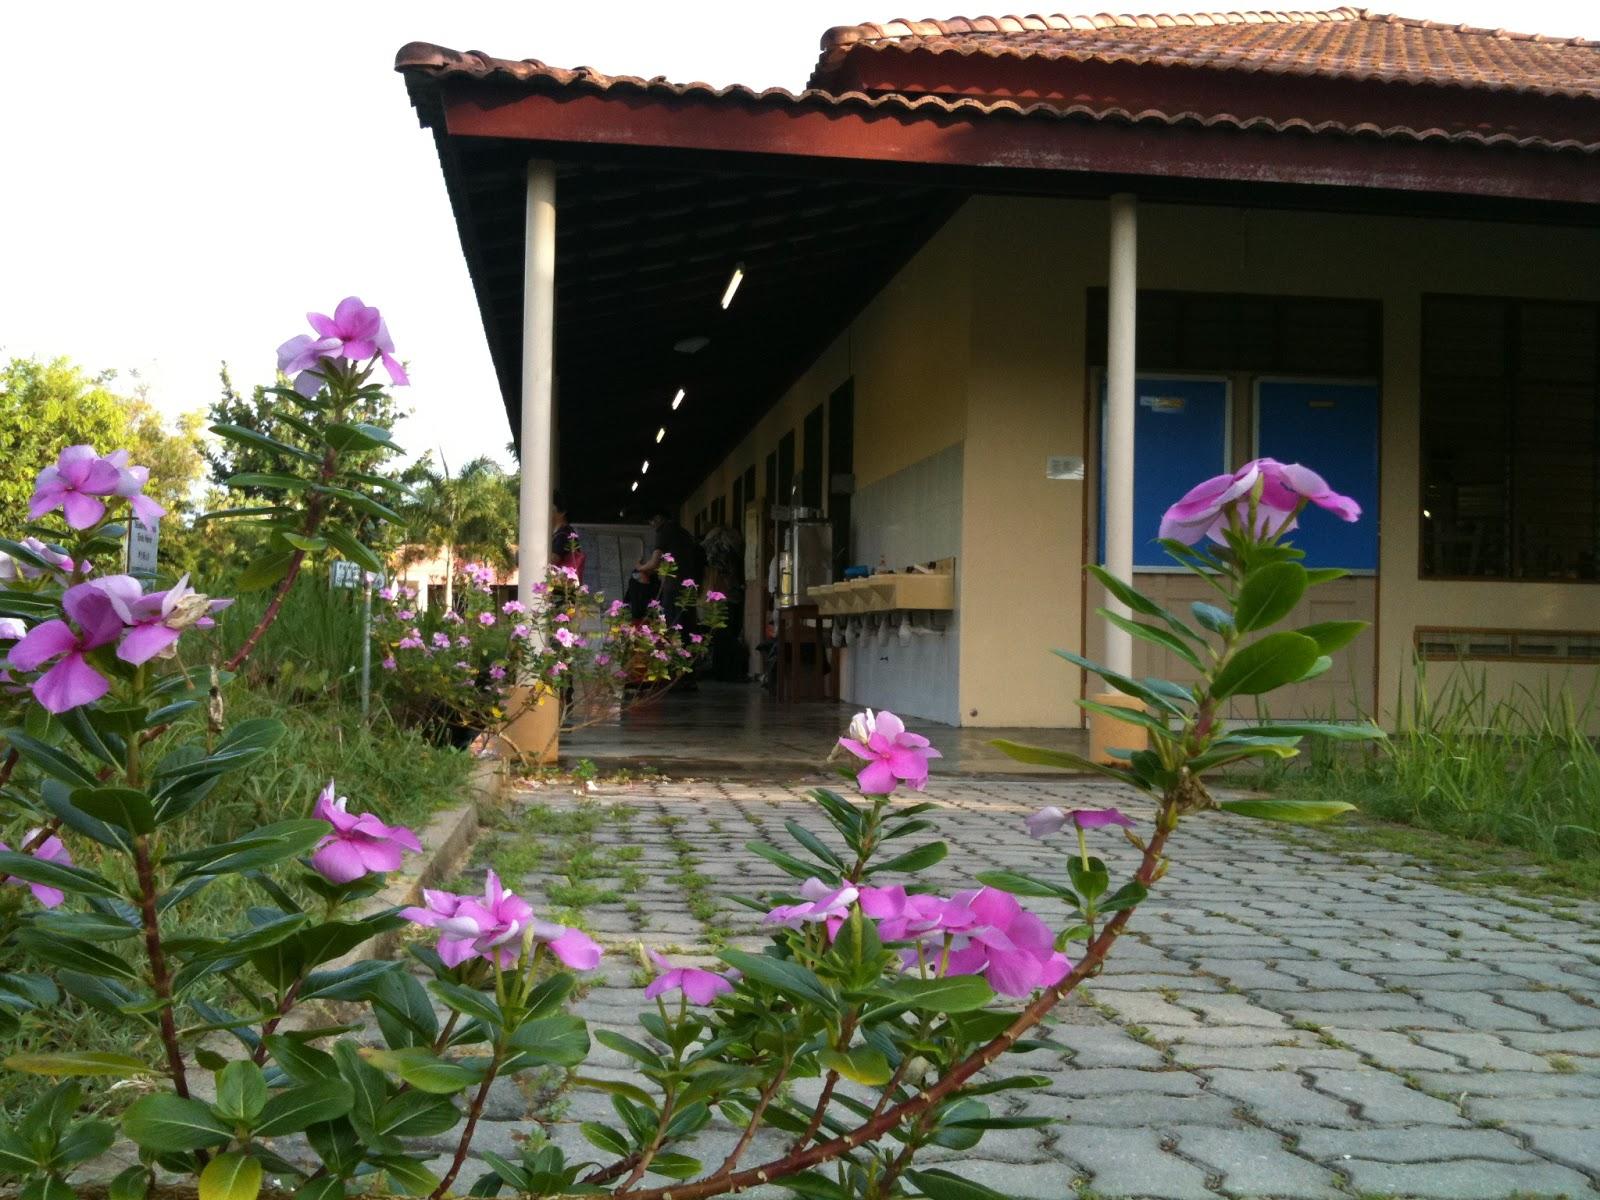 malaysia-vipassana-centre-dhamma-malaya-14